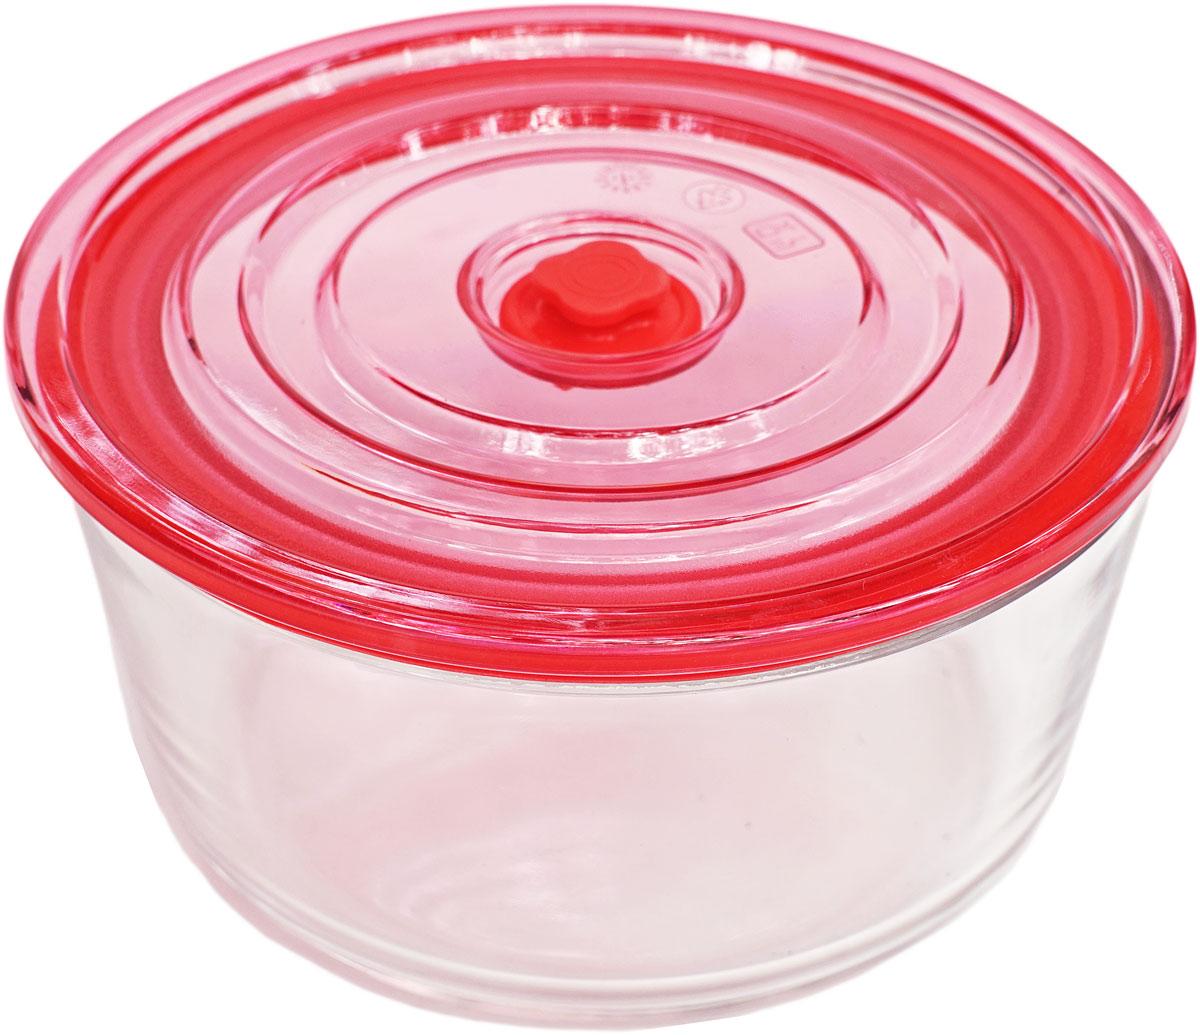 Контейнер пищевой Eley, круглый, цвет: красный, 850 млELV5802RКруглый пищевой контейнер Eley выполнен из жаропрочного боросиликатного стекла. Крышка Air Lock изготовлена из полипропилена и оснащена силиконовым уплотнителем, для обеспечения полной герметичности внутри контейнера.Он подходит для использования в микроволновой печи и духовке (без крышки). Подходит для использования в холодильнике и морозильной камере. Подходит для использования в посудомоечной машине.Контейнер можно использовать как форму для запекания (до +400 С).